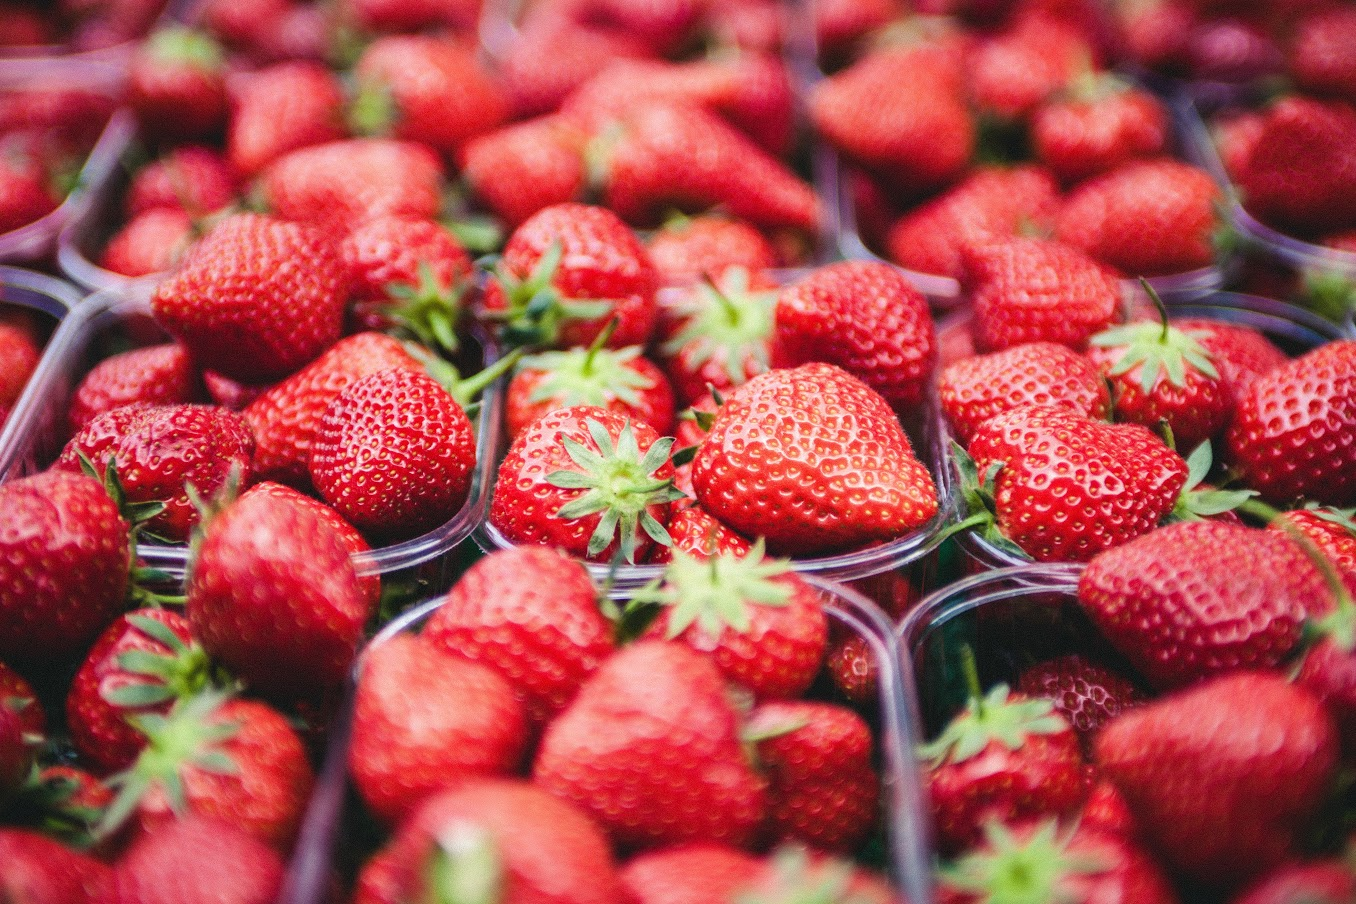 Fresh, Juicy Strawberries